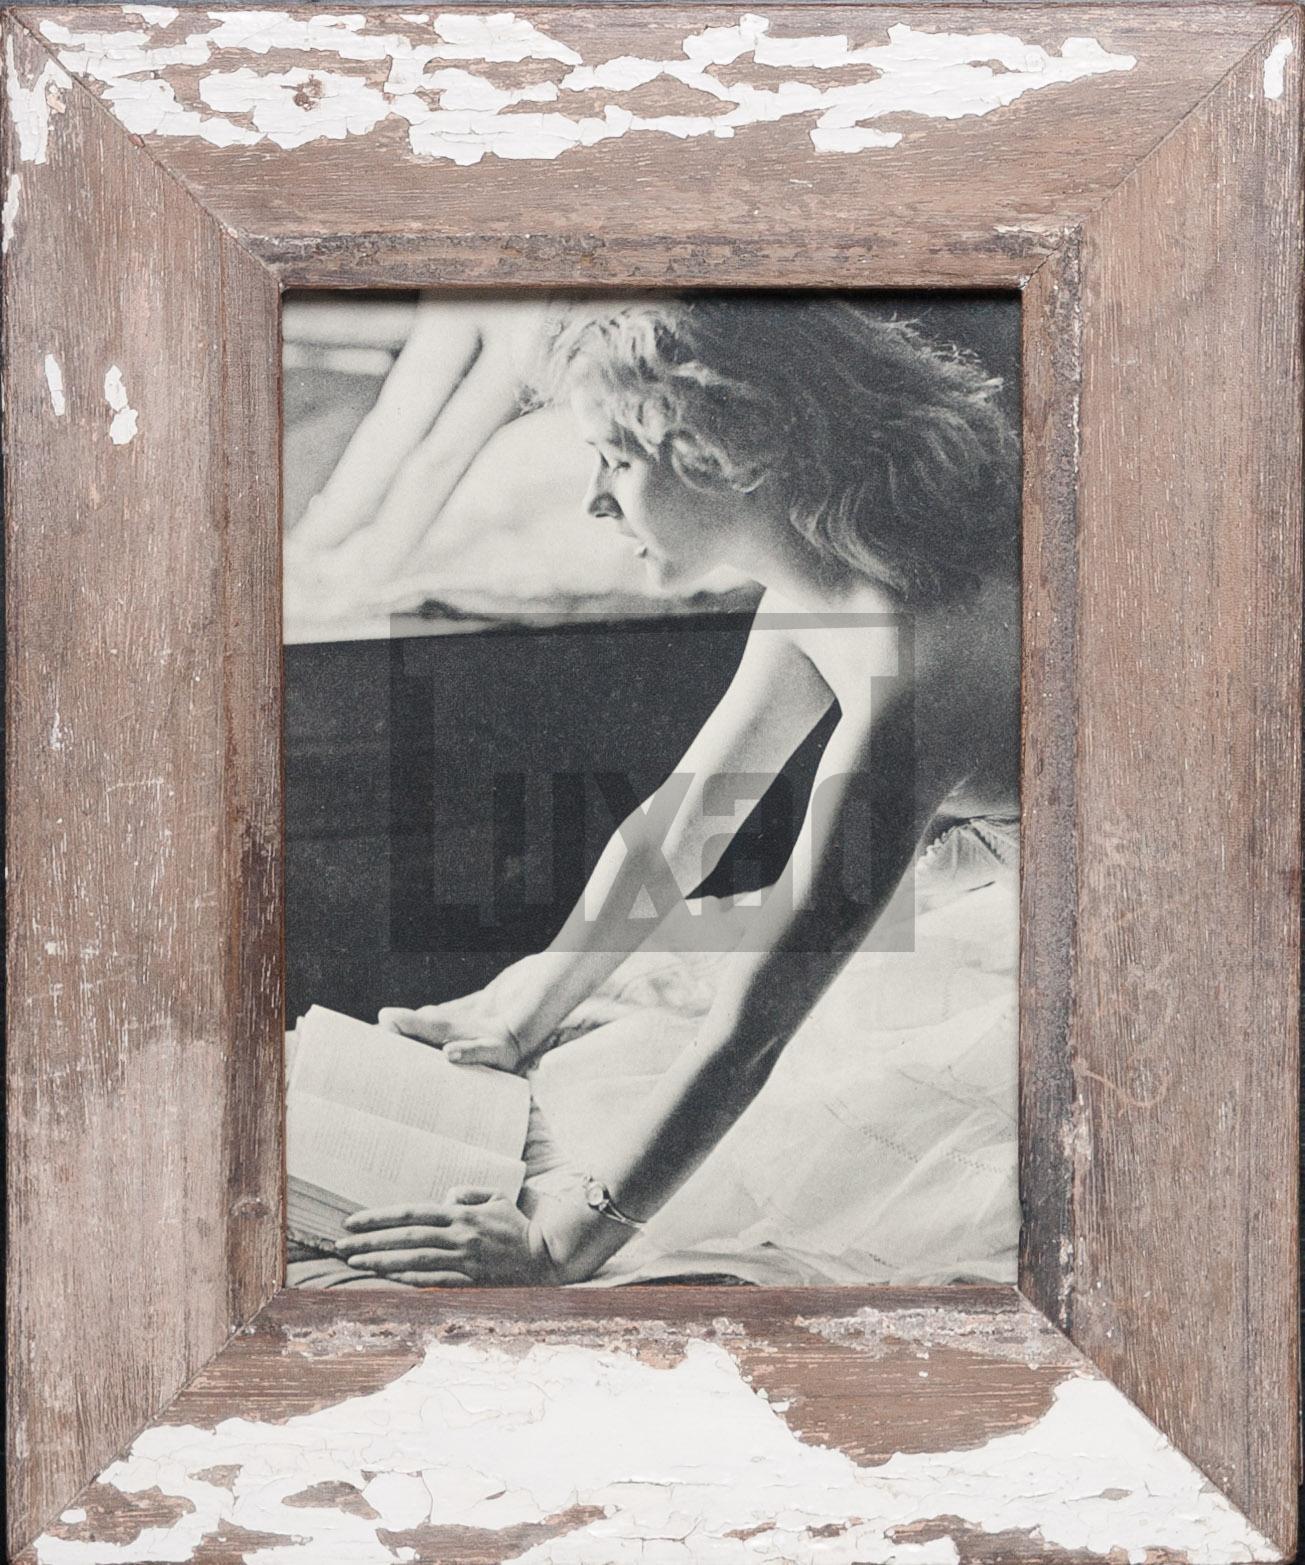 Vintage-Bilderrahmen für die Bildgröße 15 x 20 cm